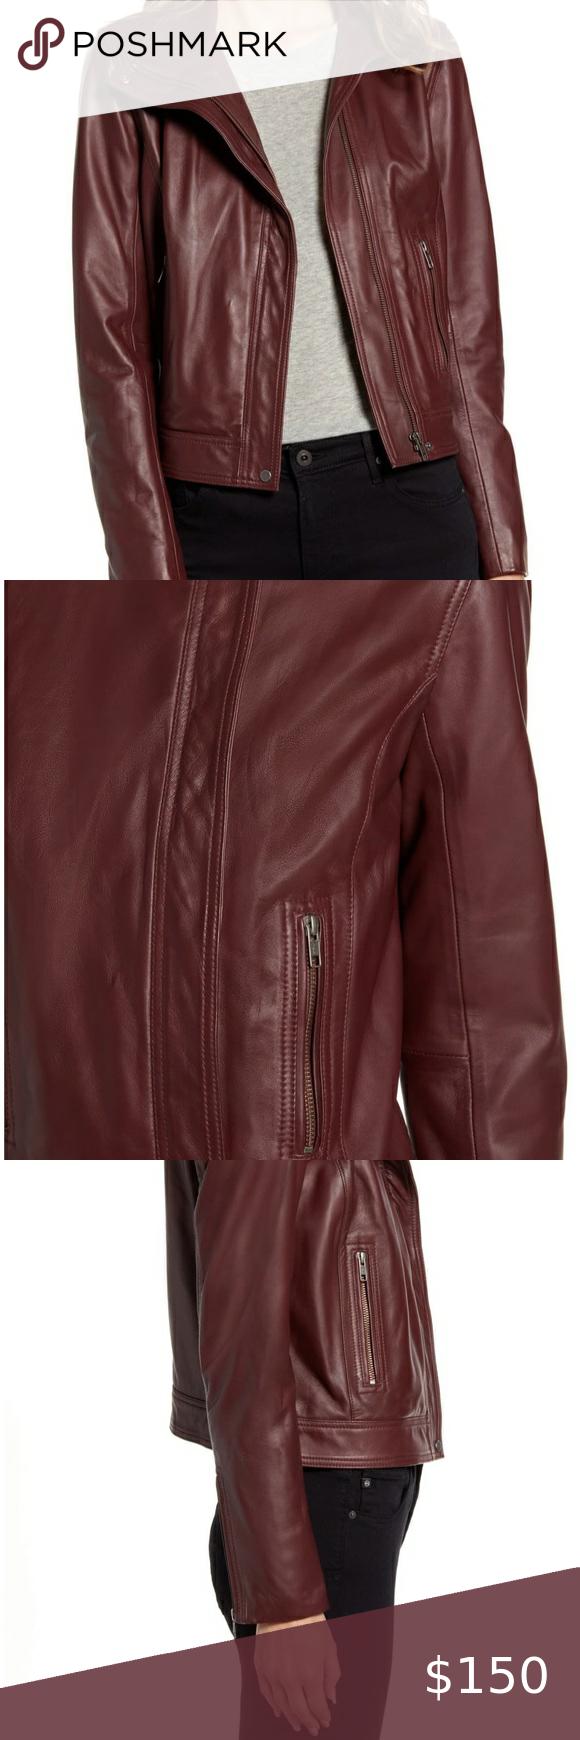 Chelsea 28 Leather Moto Jacket Leather Moto Jacket Moto Jacket Leather Moto [ 1740 x 580 Pixel ]